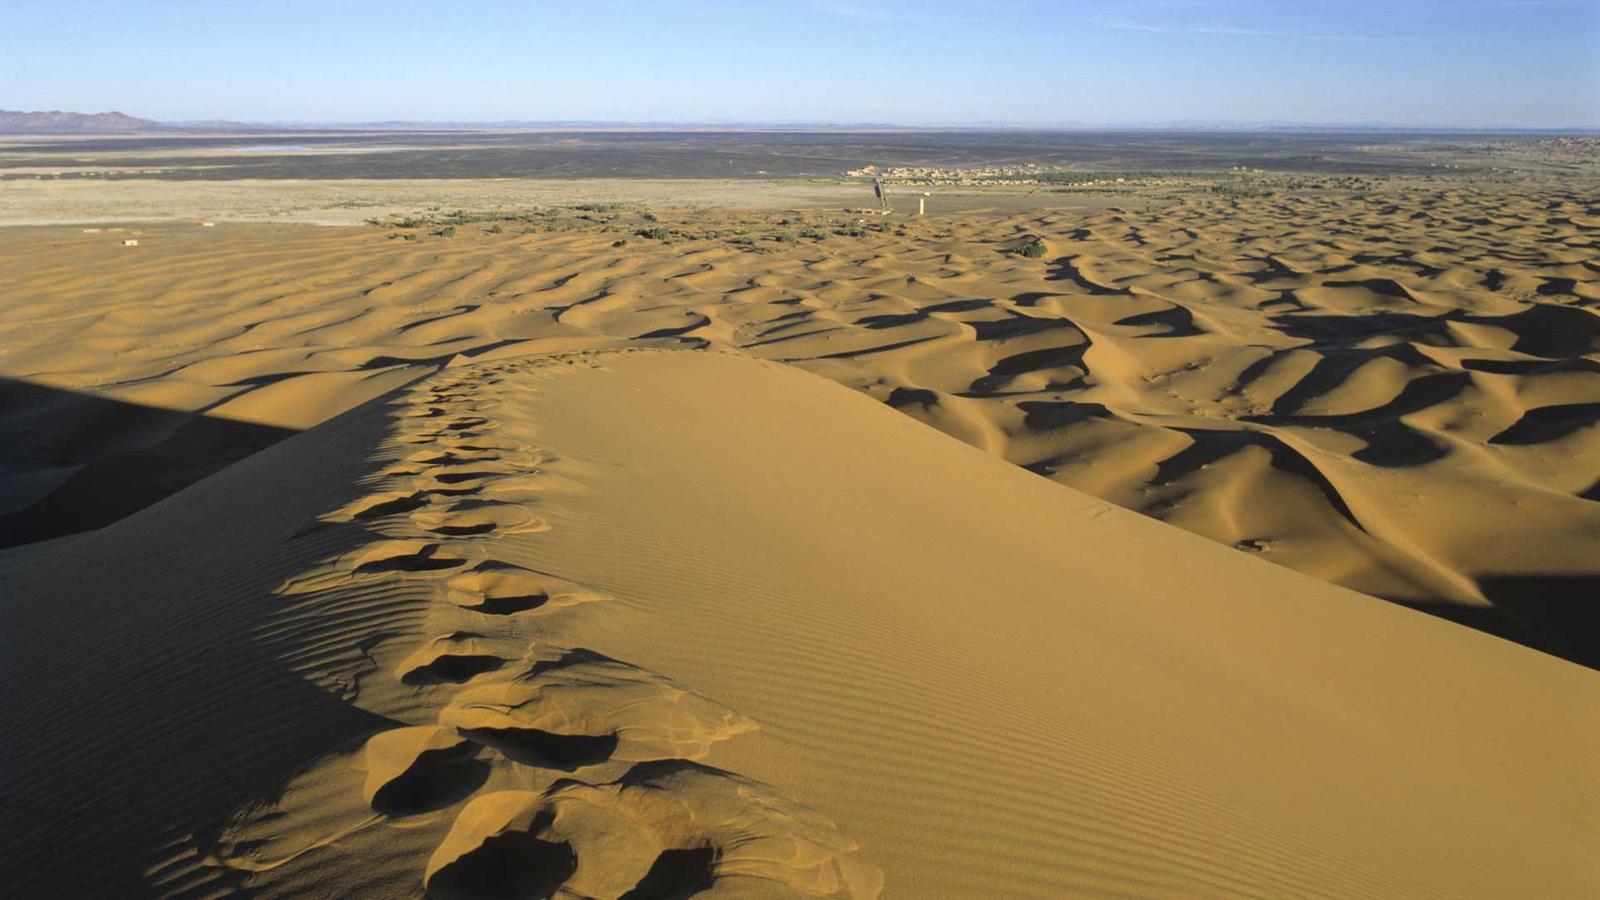 Woraus Besteht Sand